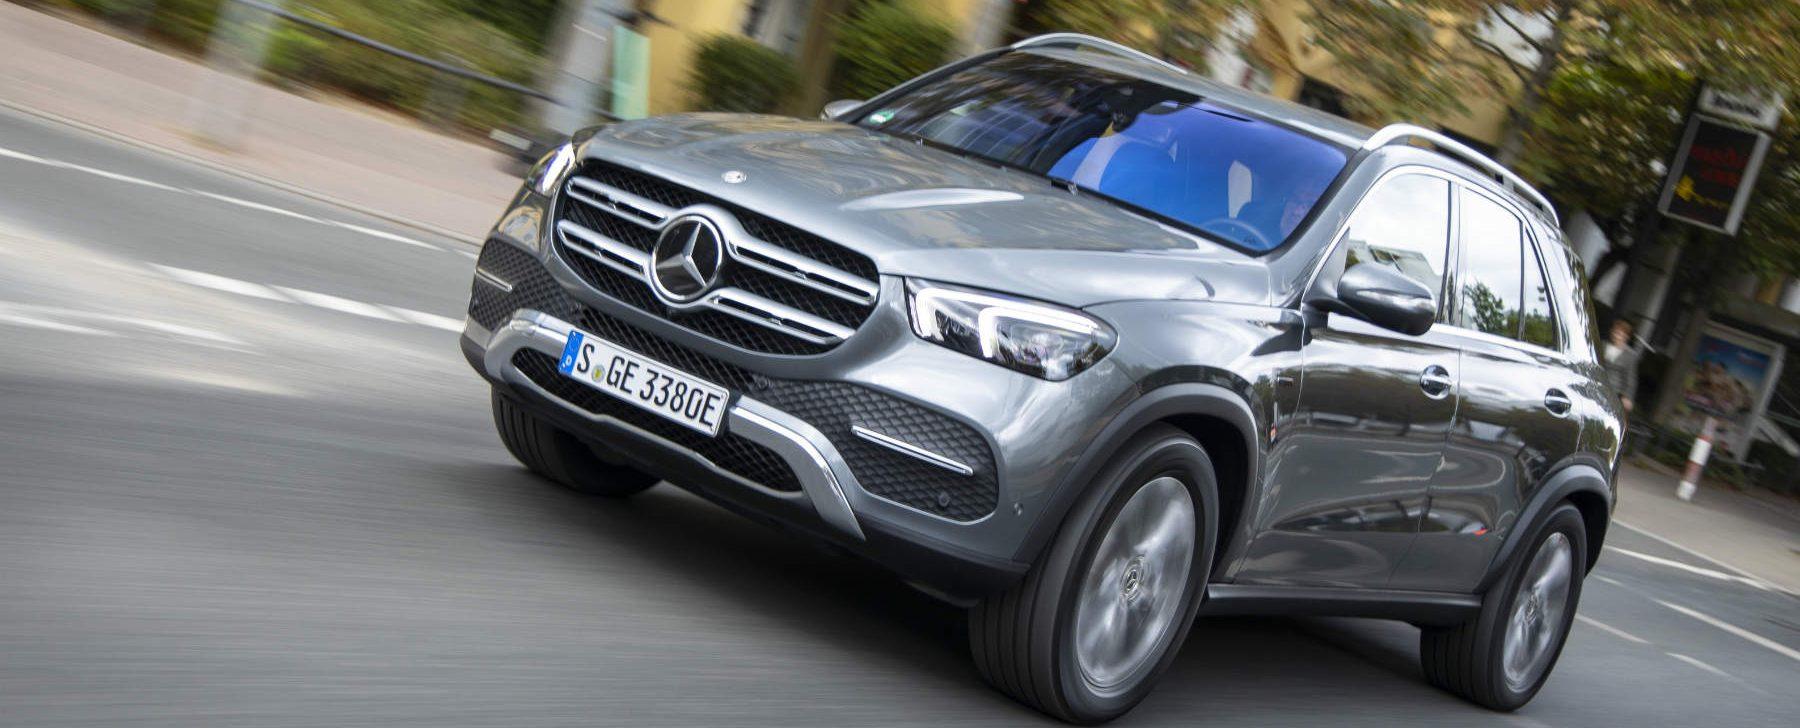 Mercedes GLE hibrido enchufable